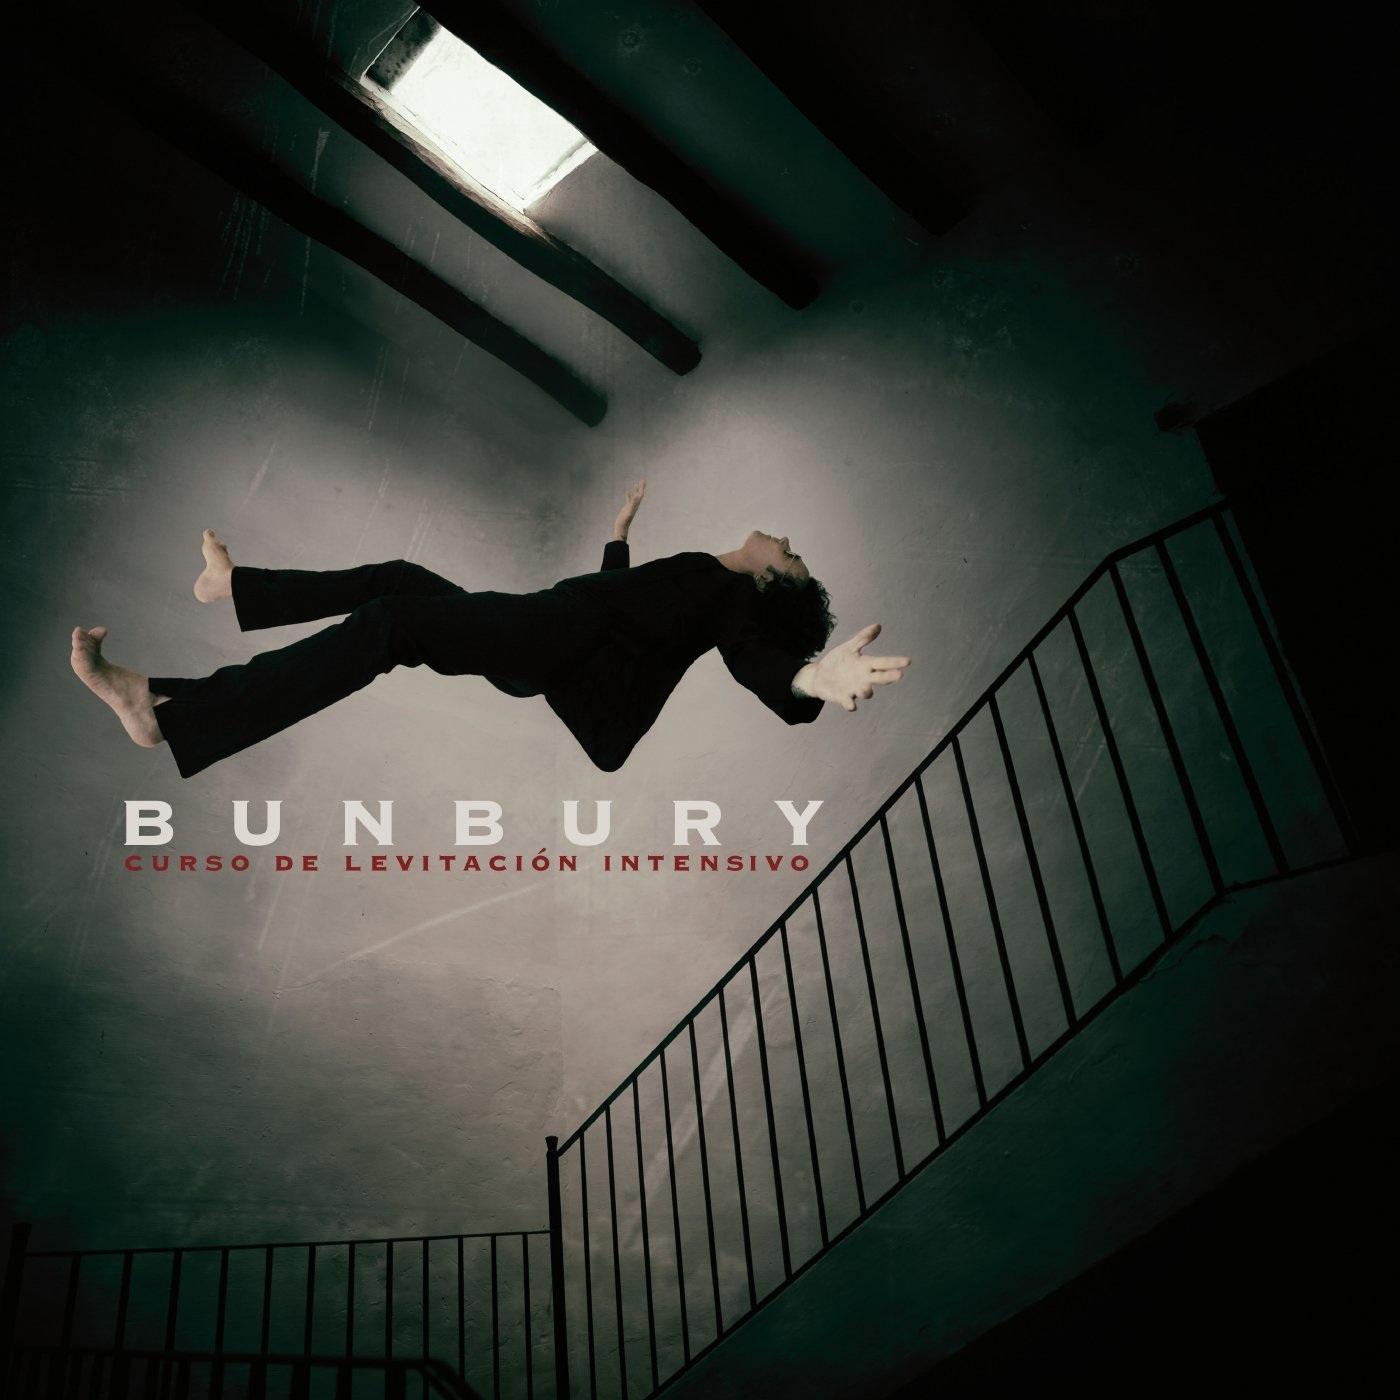 Las diez reflexiones de Bunbury ante Curso de levitación intensivo